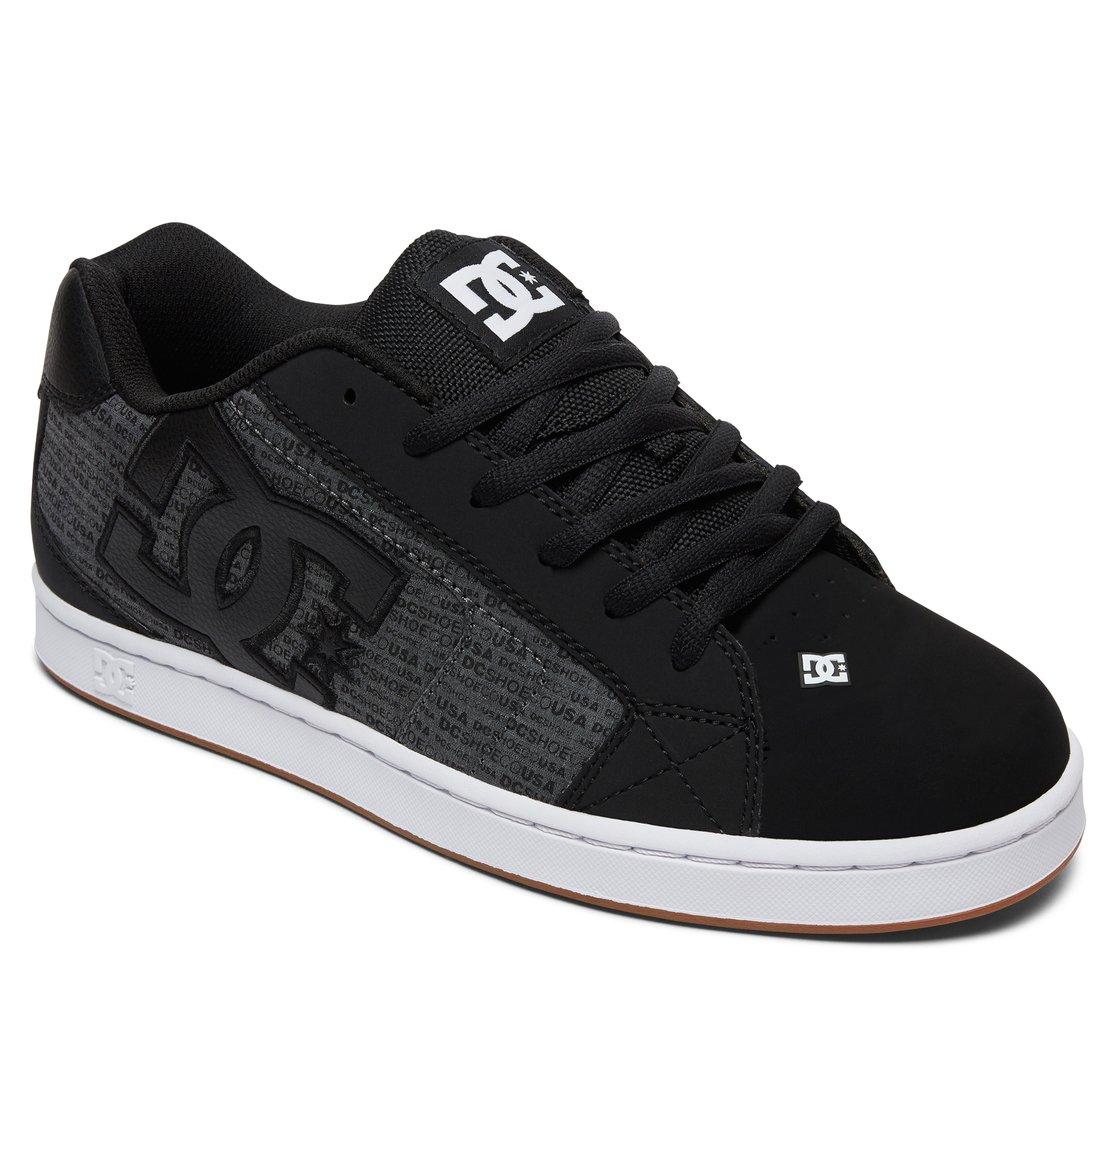 087591eee9 1 Net SE Shoes Black 302297 DC Shoes